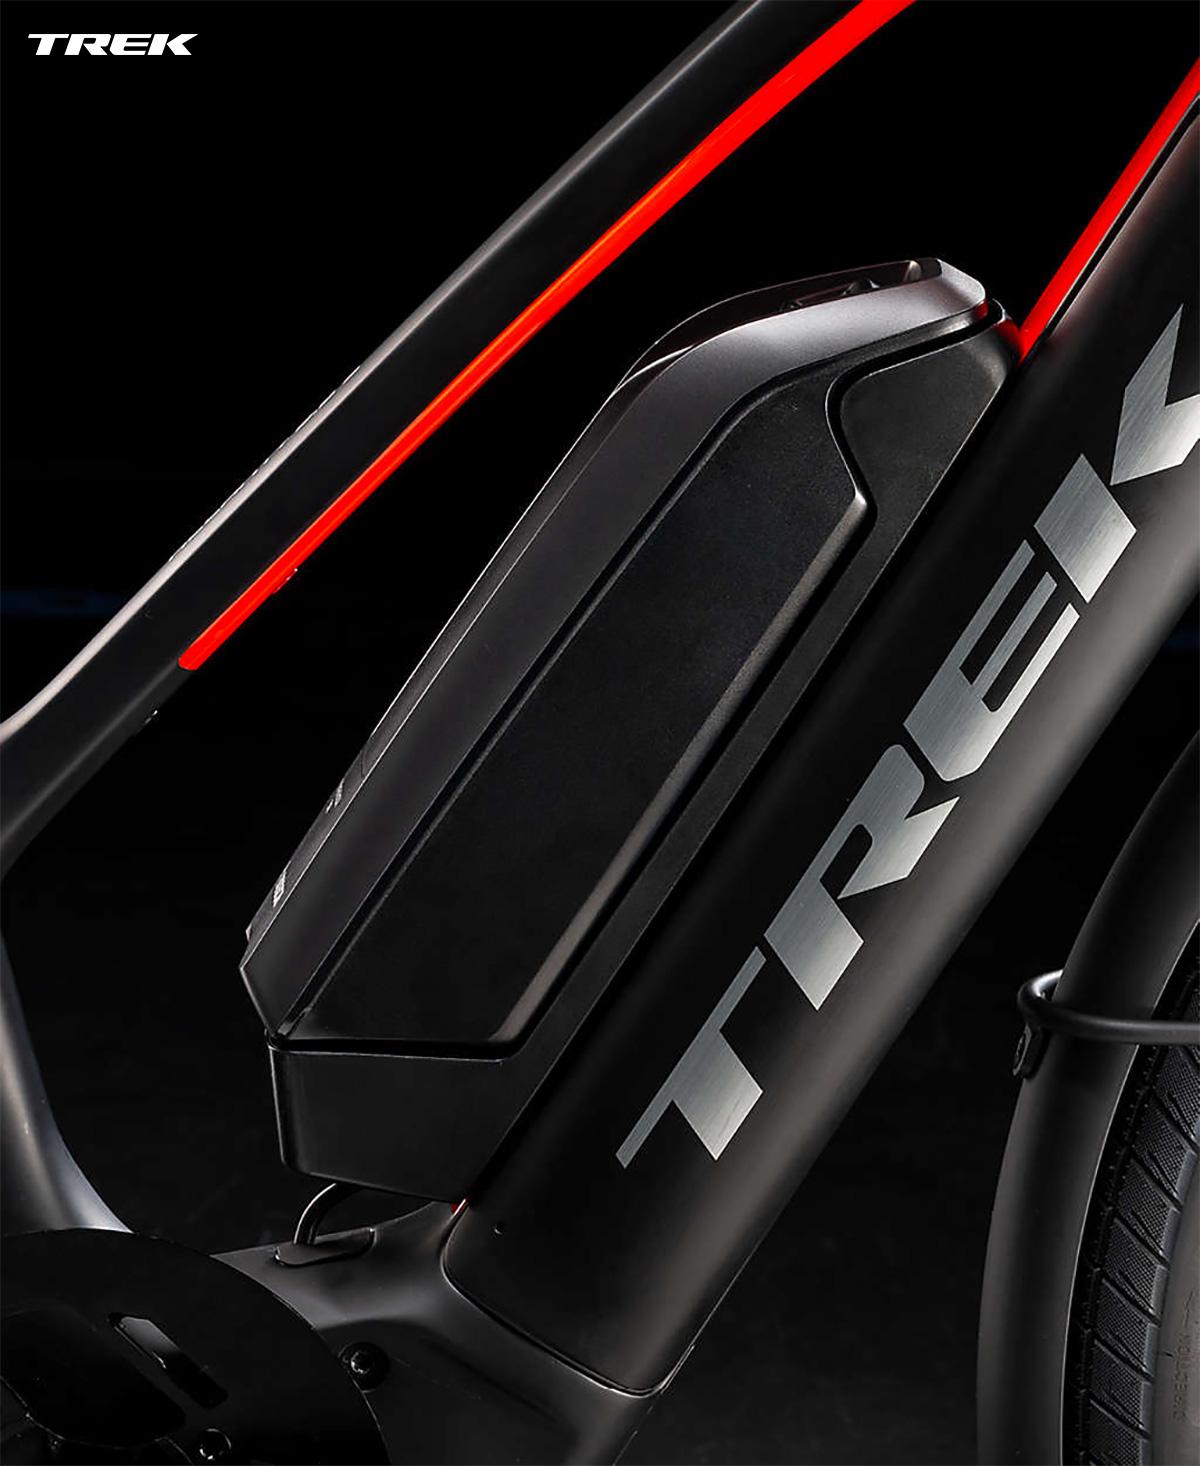 Una e-bike Trek Allant+ equipaggiata con batteria supplementare Range Boost